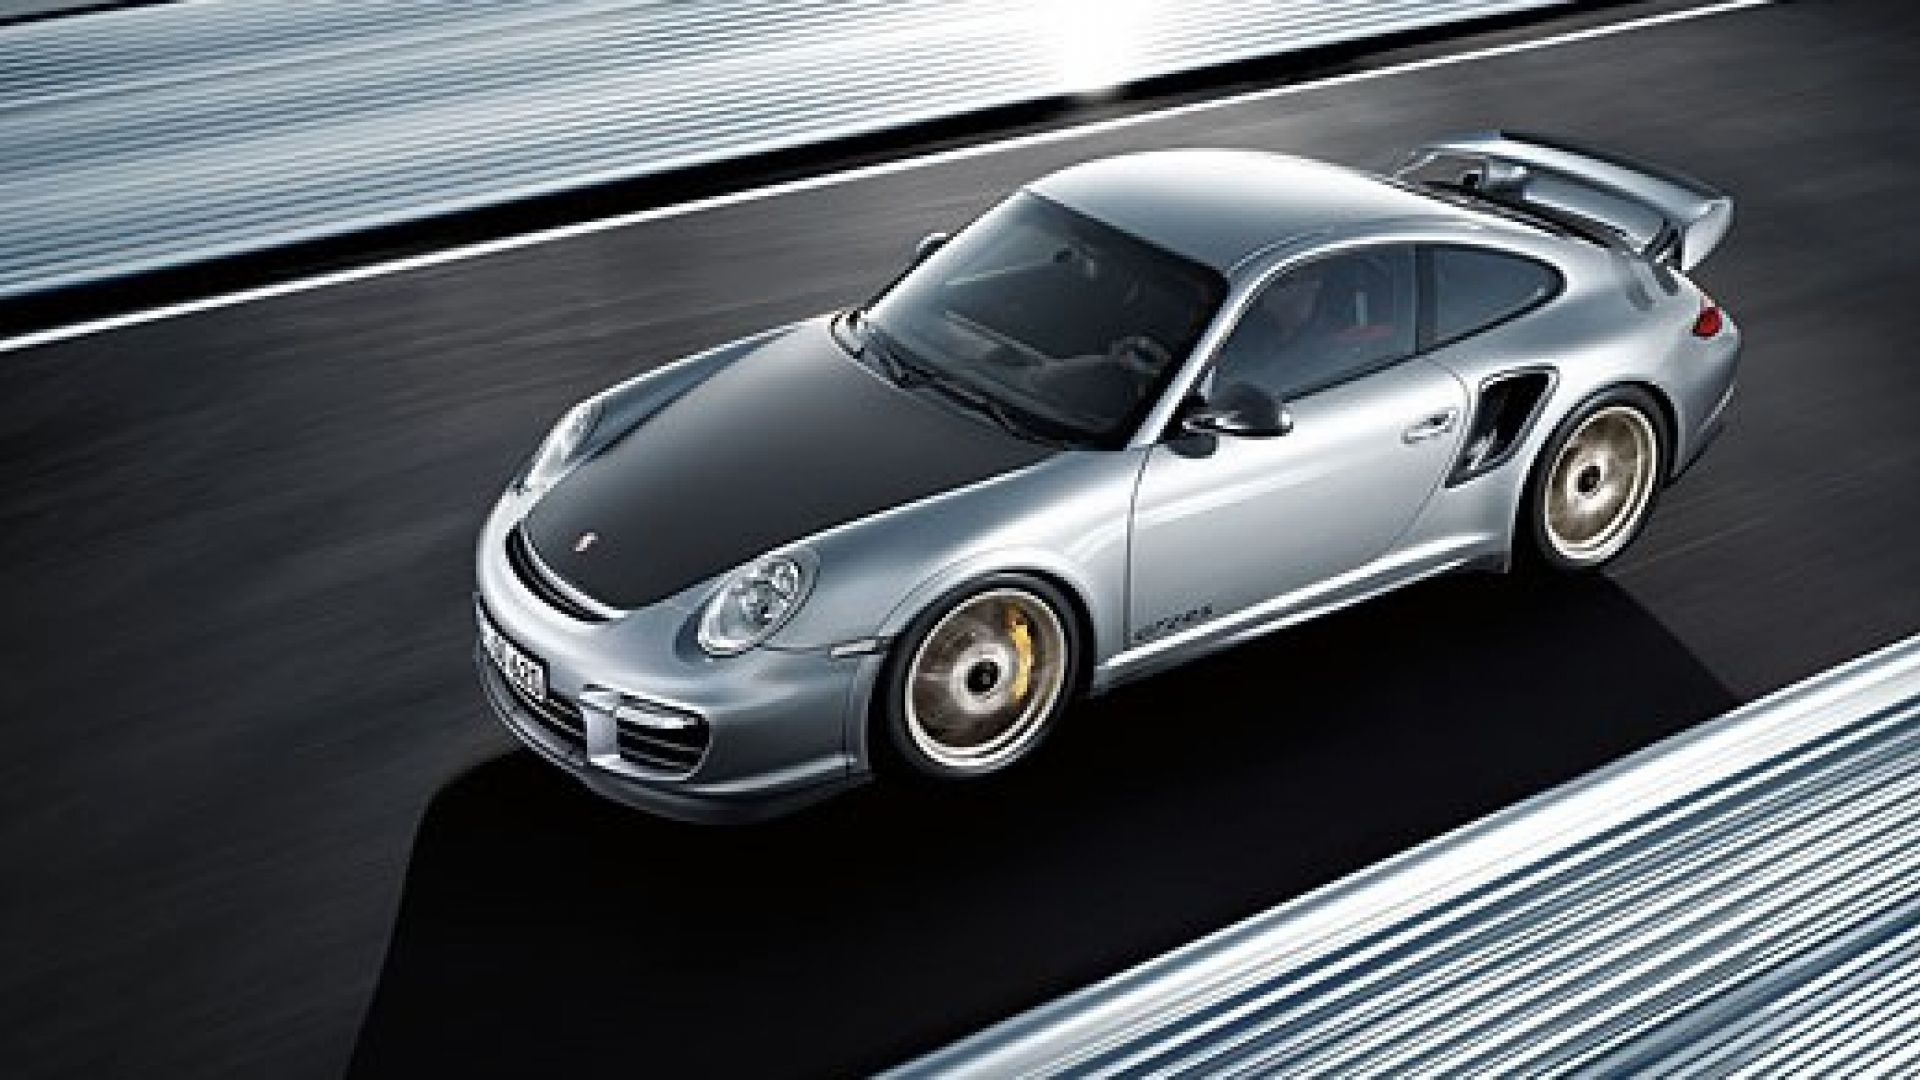 Immagine 41: I marchi auto più importanti del 2010